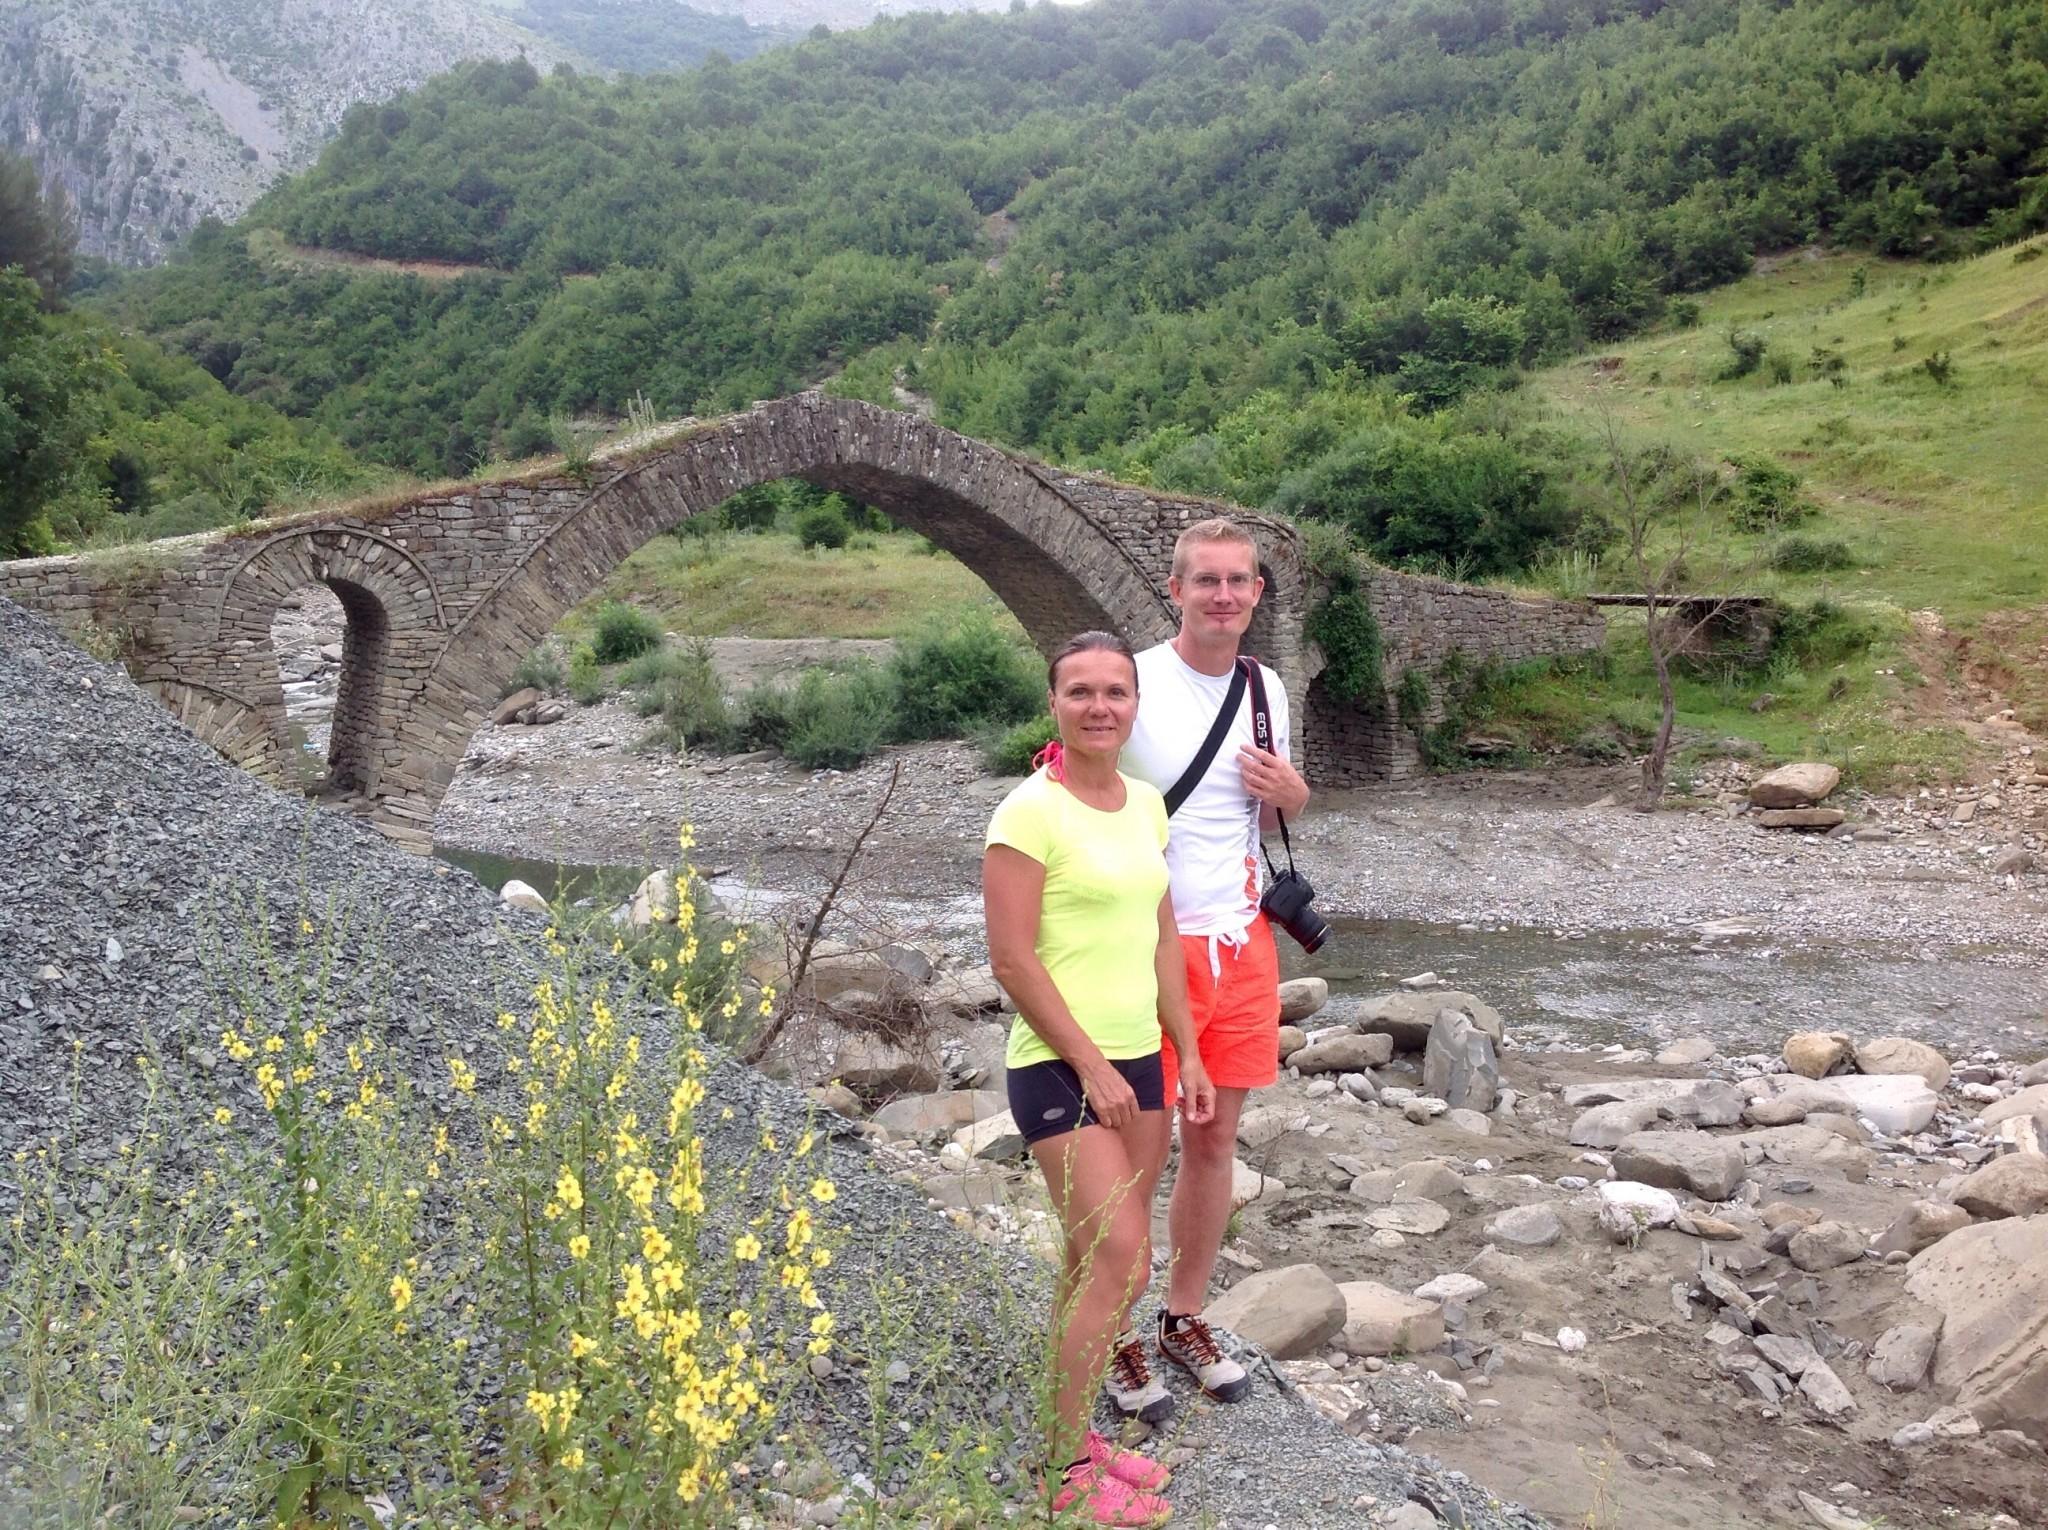 Kasabasin sillalla Albaniassa